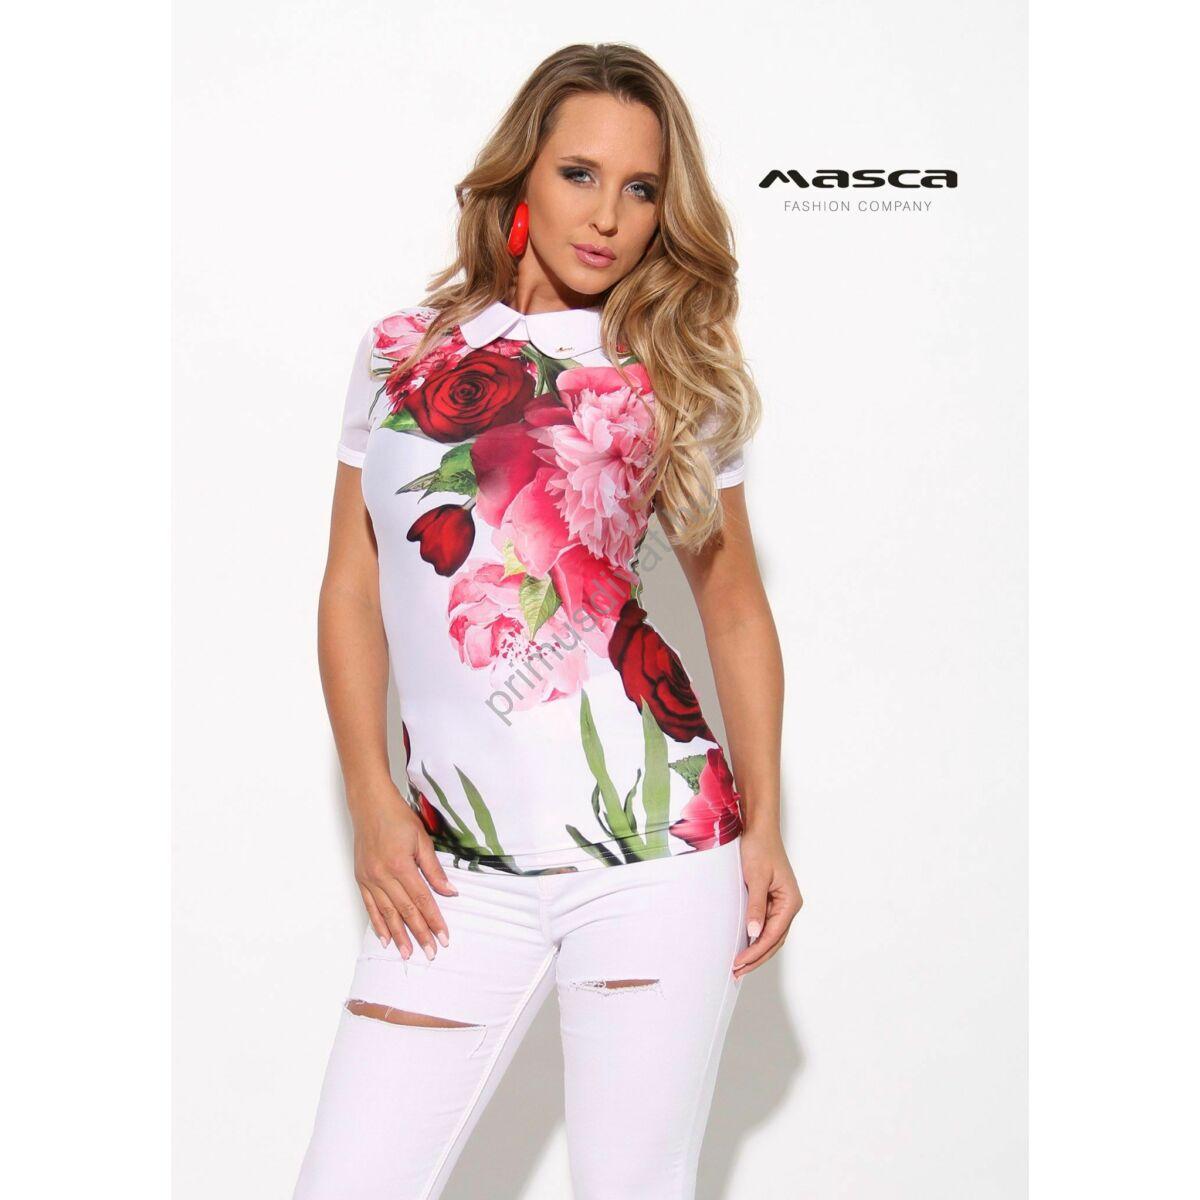 bfccc3b956 Kép 1/1 - Masca Fashion fehér galléros rövid muszlin ujjú, piros  virágmintás szűk felső